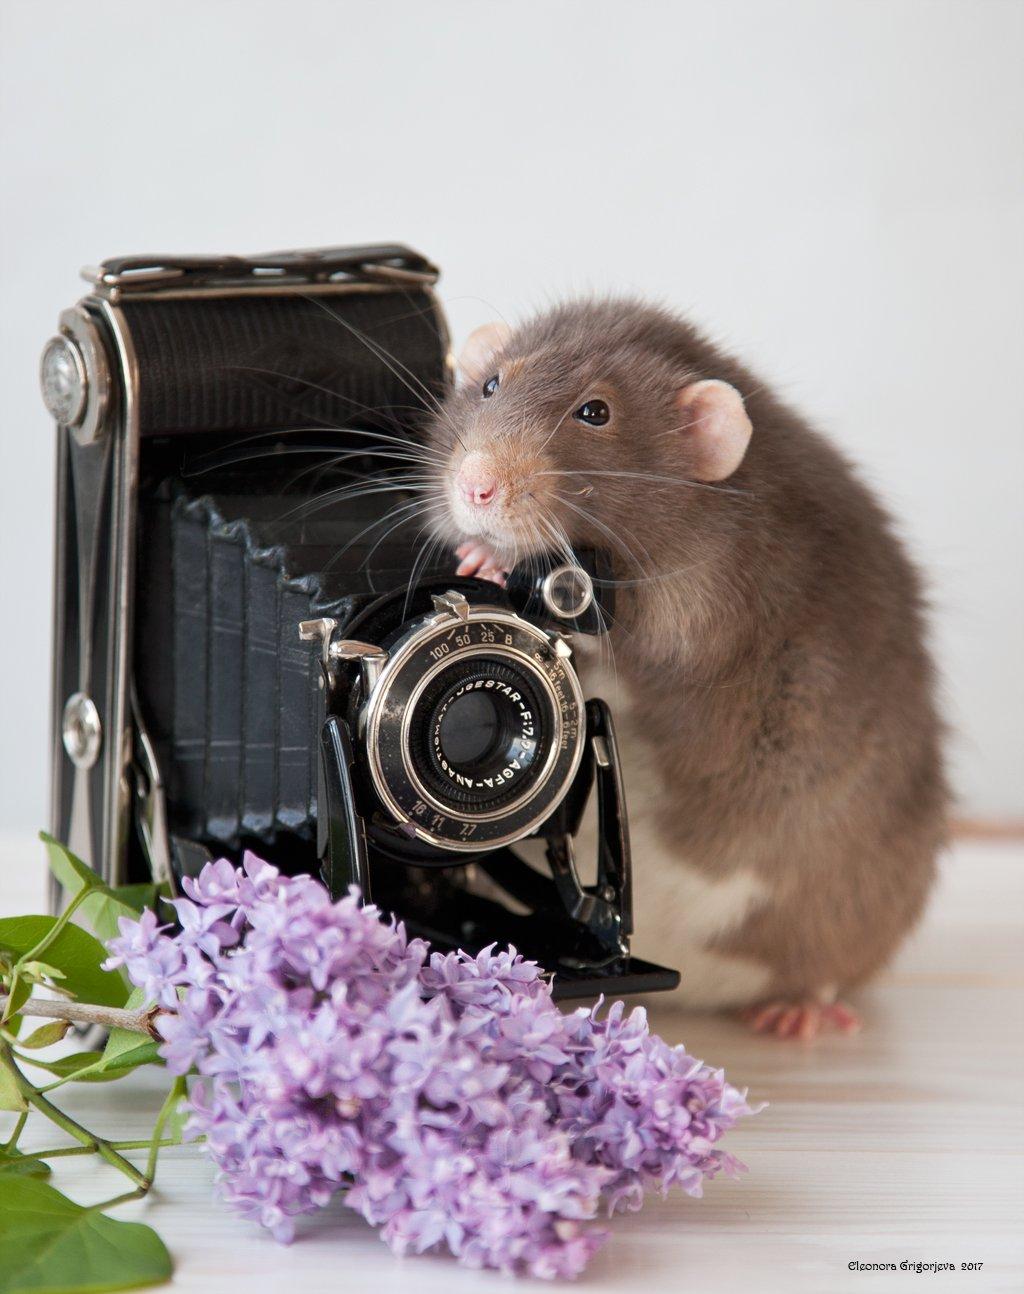 крыса, дамбо, домашнее животное, декоративная, винтаж, фотокамера, фотограф, фотография, крысиные истории, Eleonora Grigorjeva